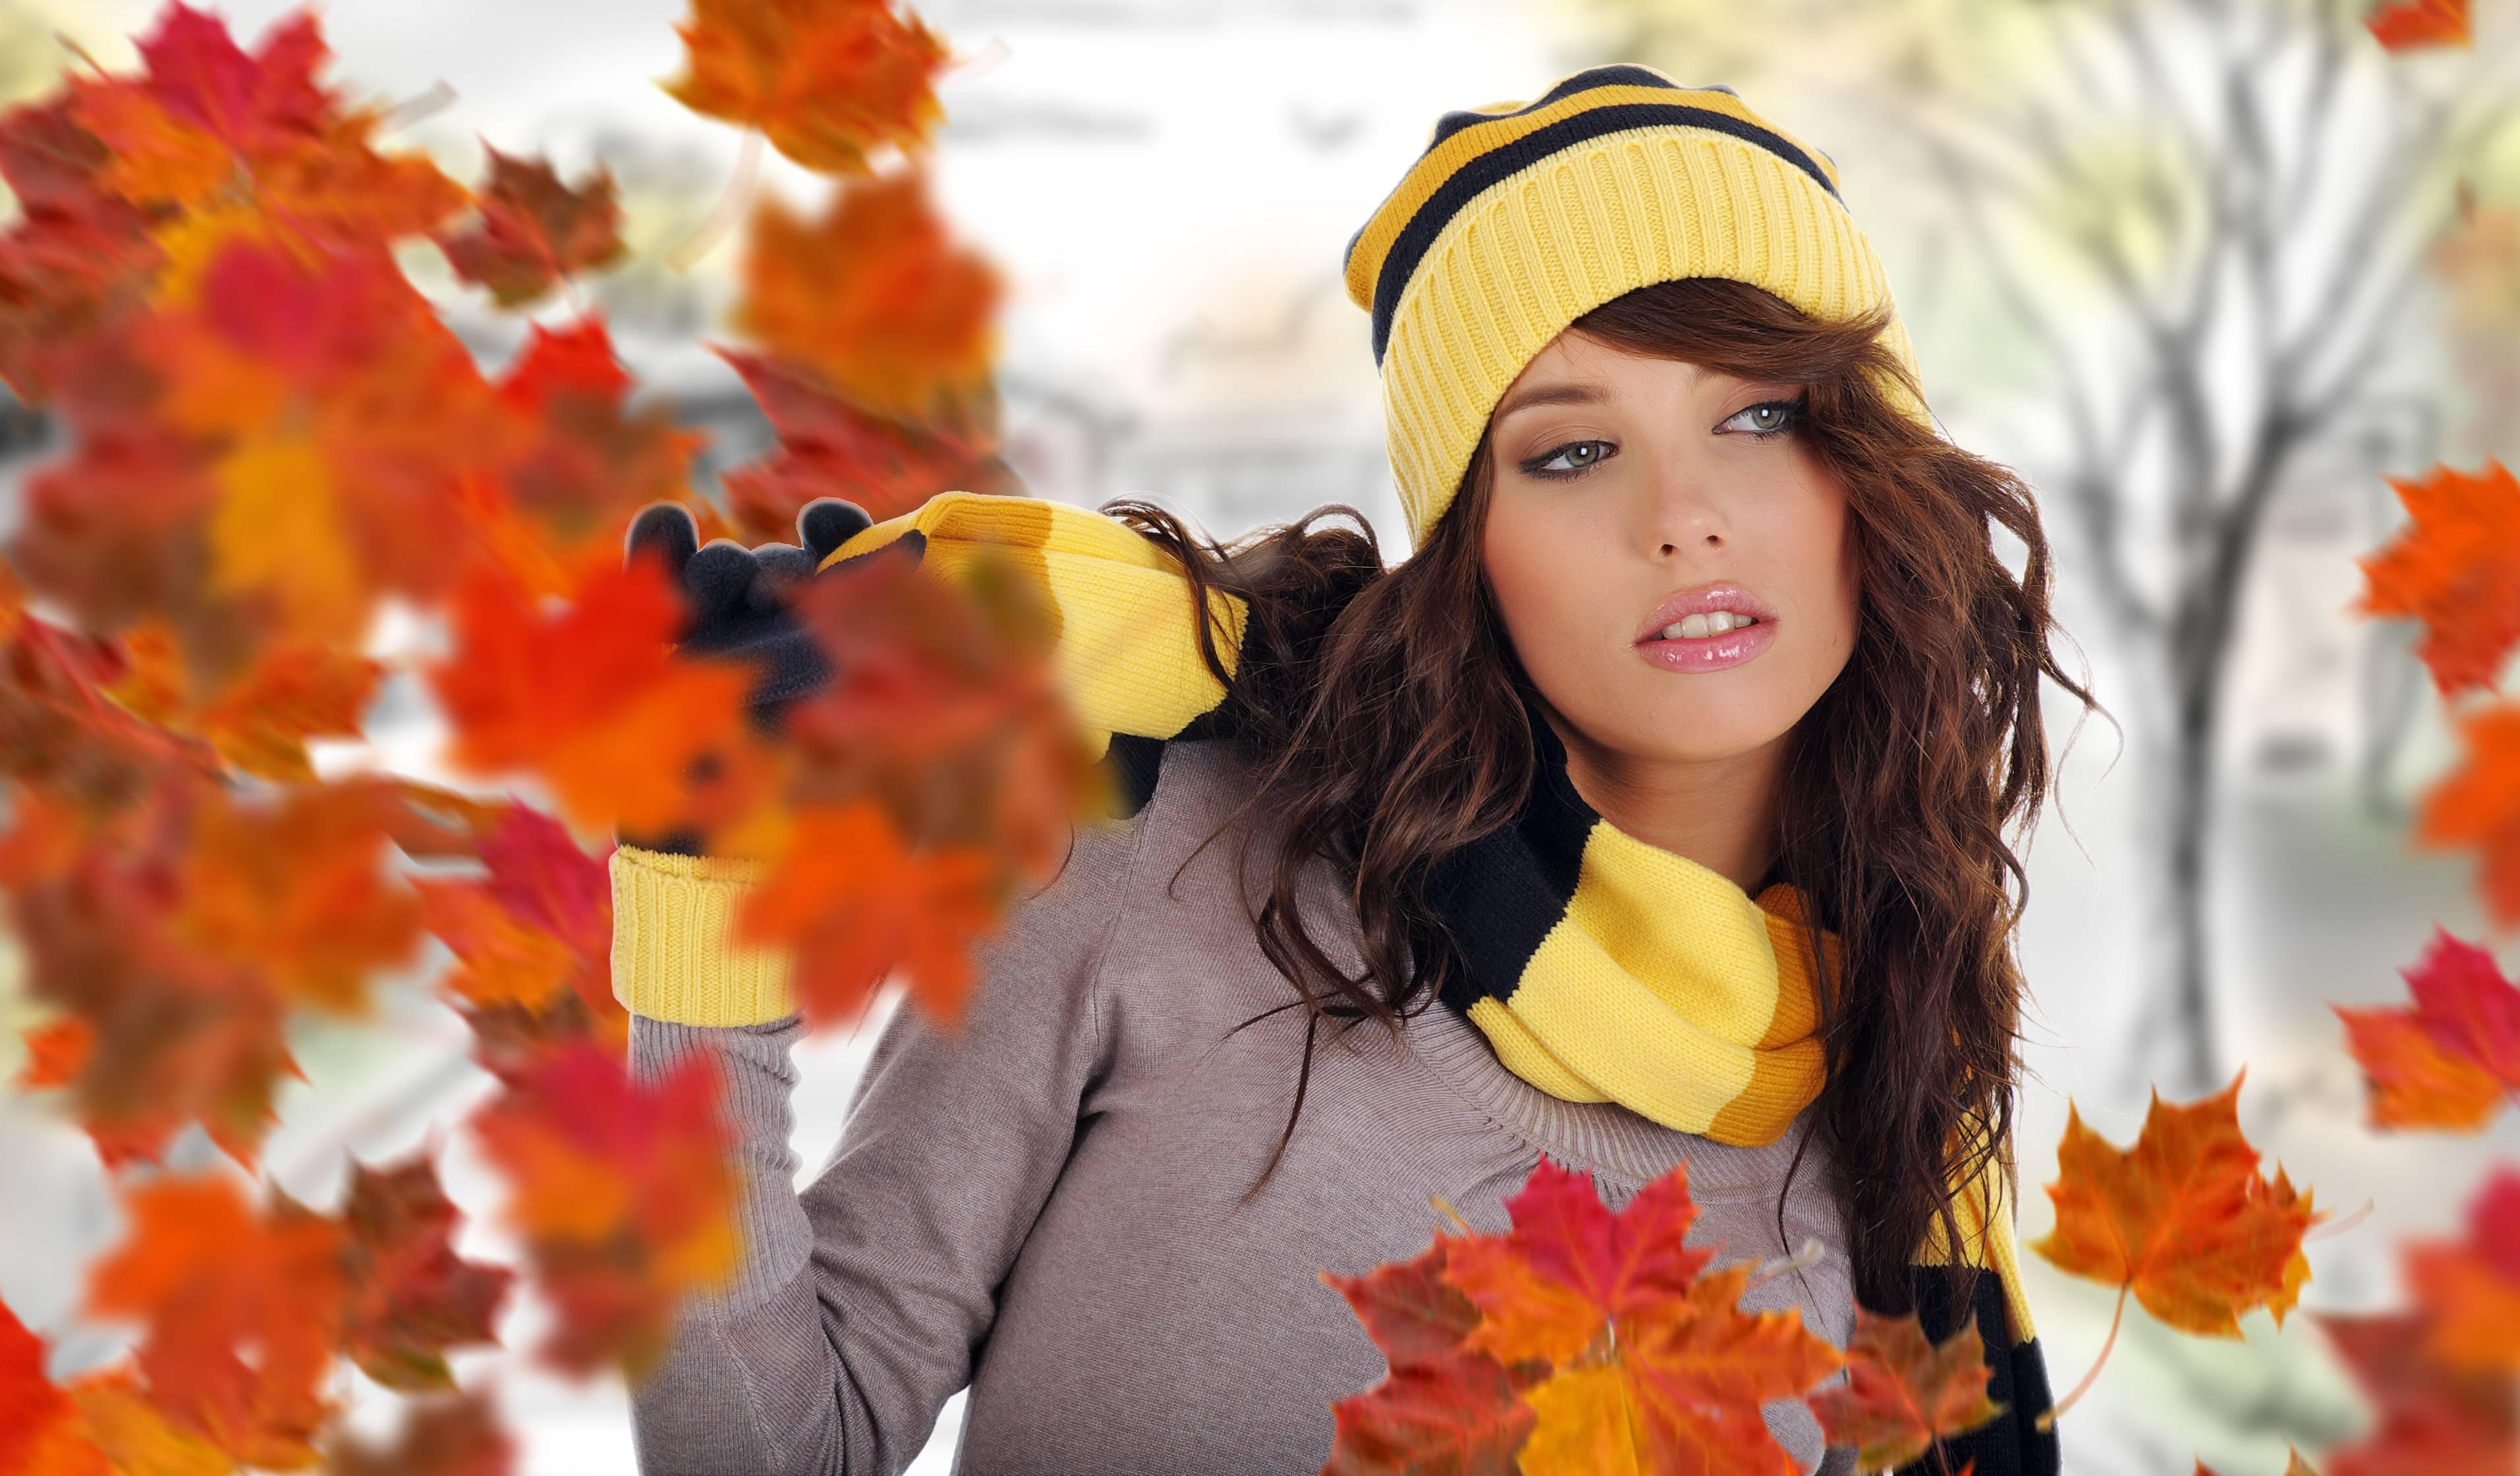 девушки листья осень лицо загрузить